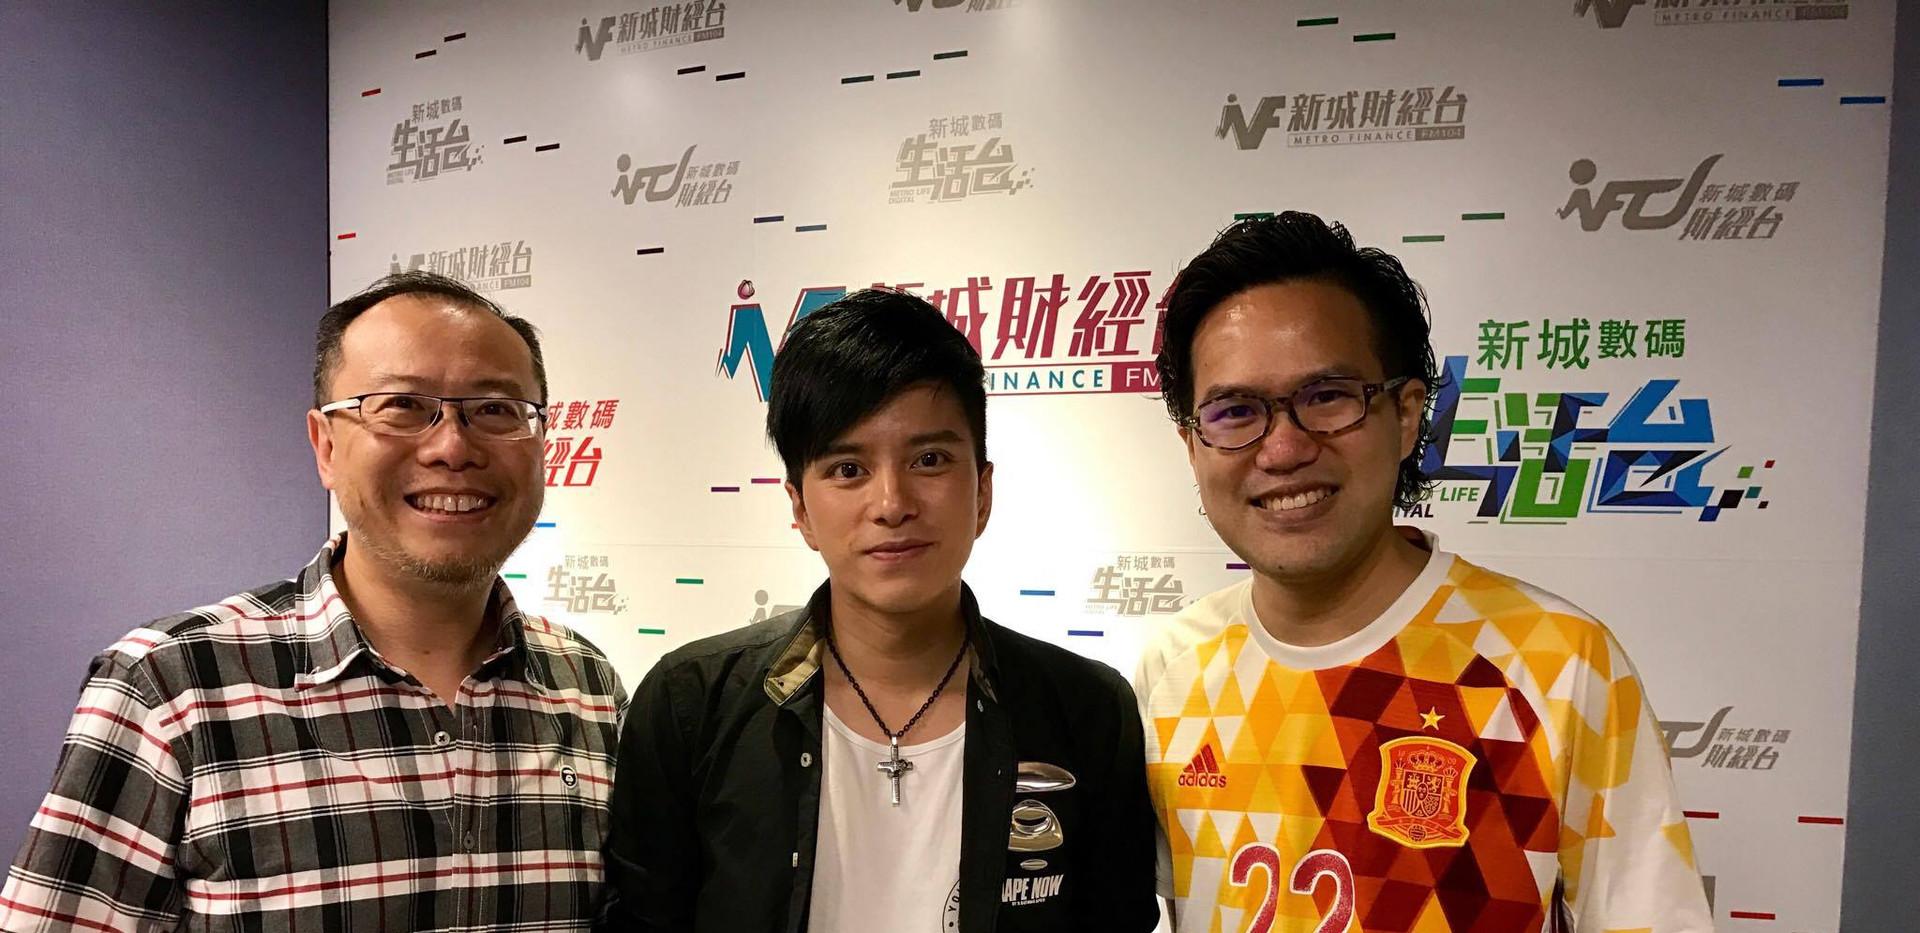 張彥博 2016-10-16